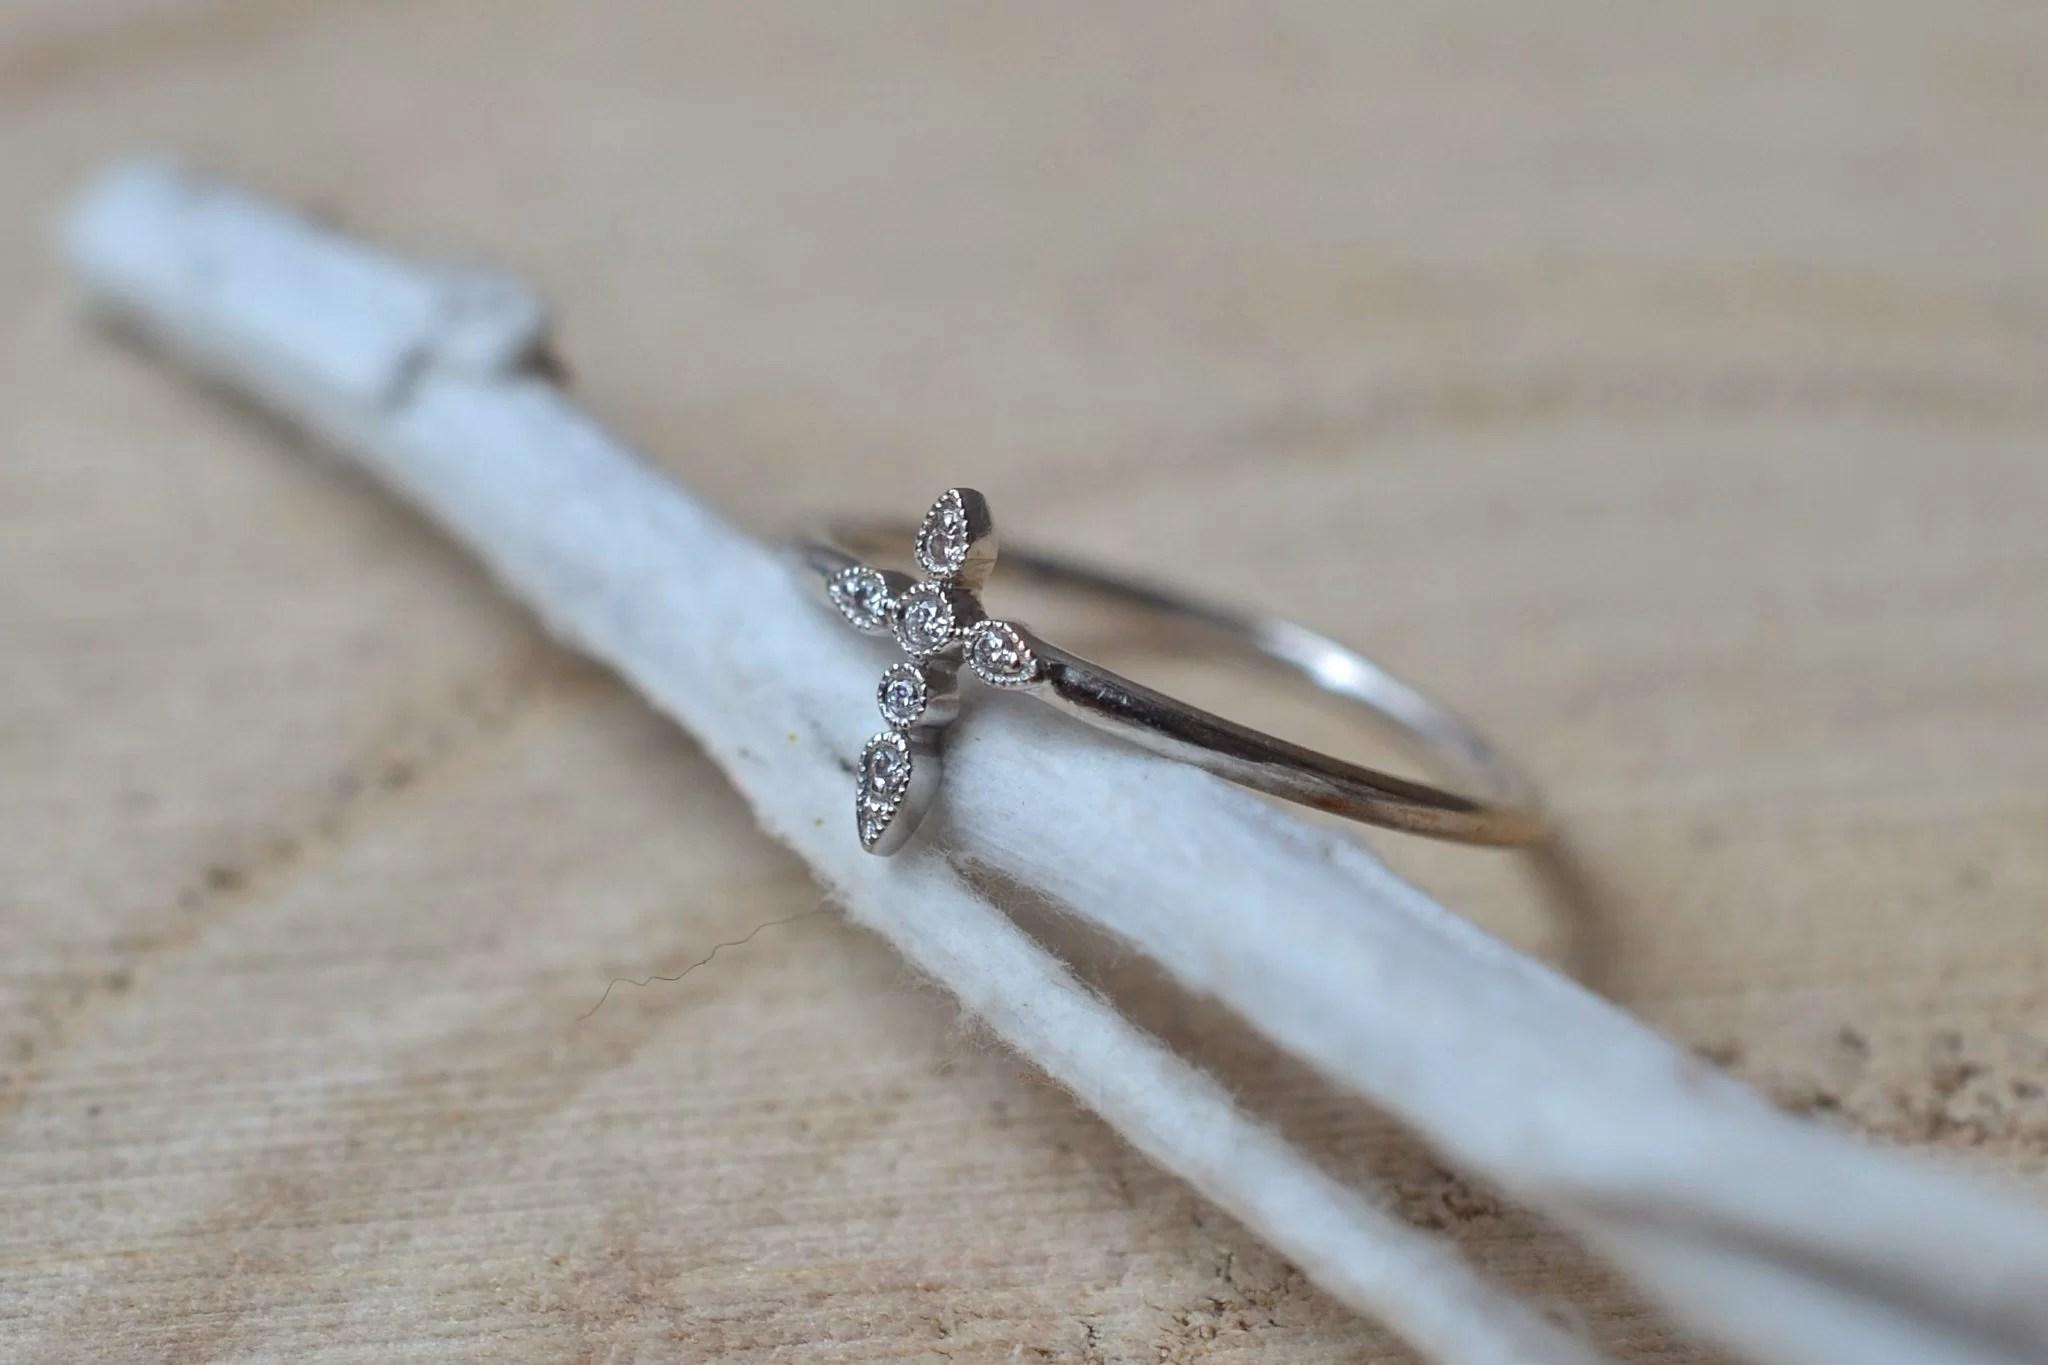 Bague en Or blanc sertie d_une petite bague _Croix_ agrémentée de 6 petits diamants - bague ancienne